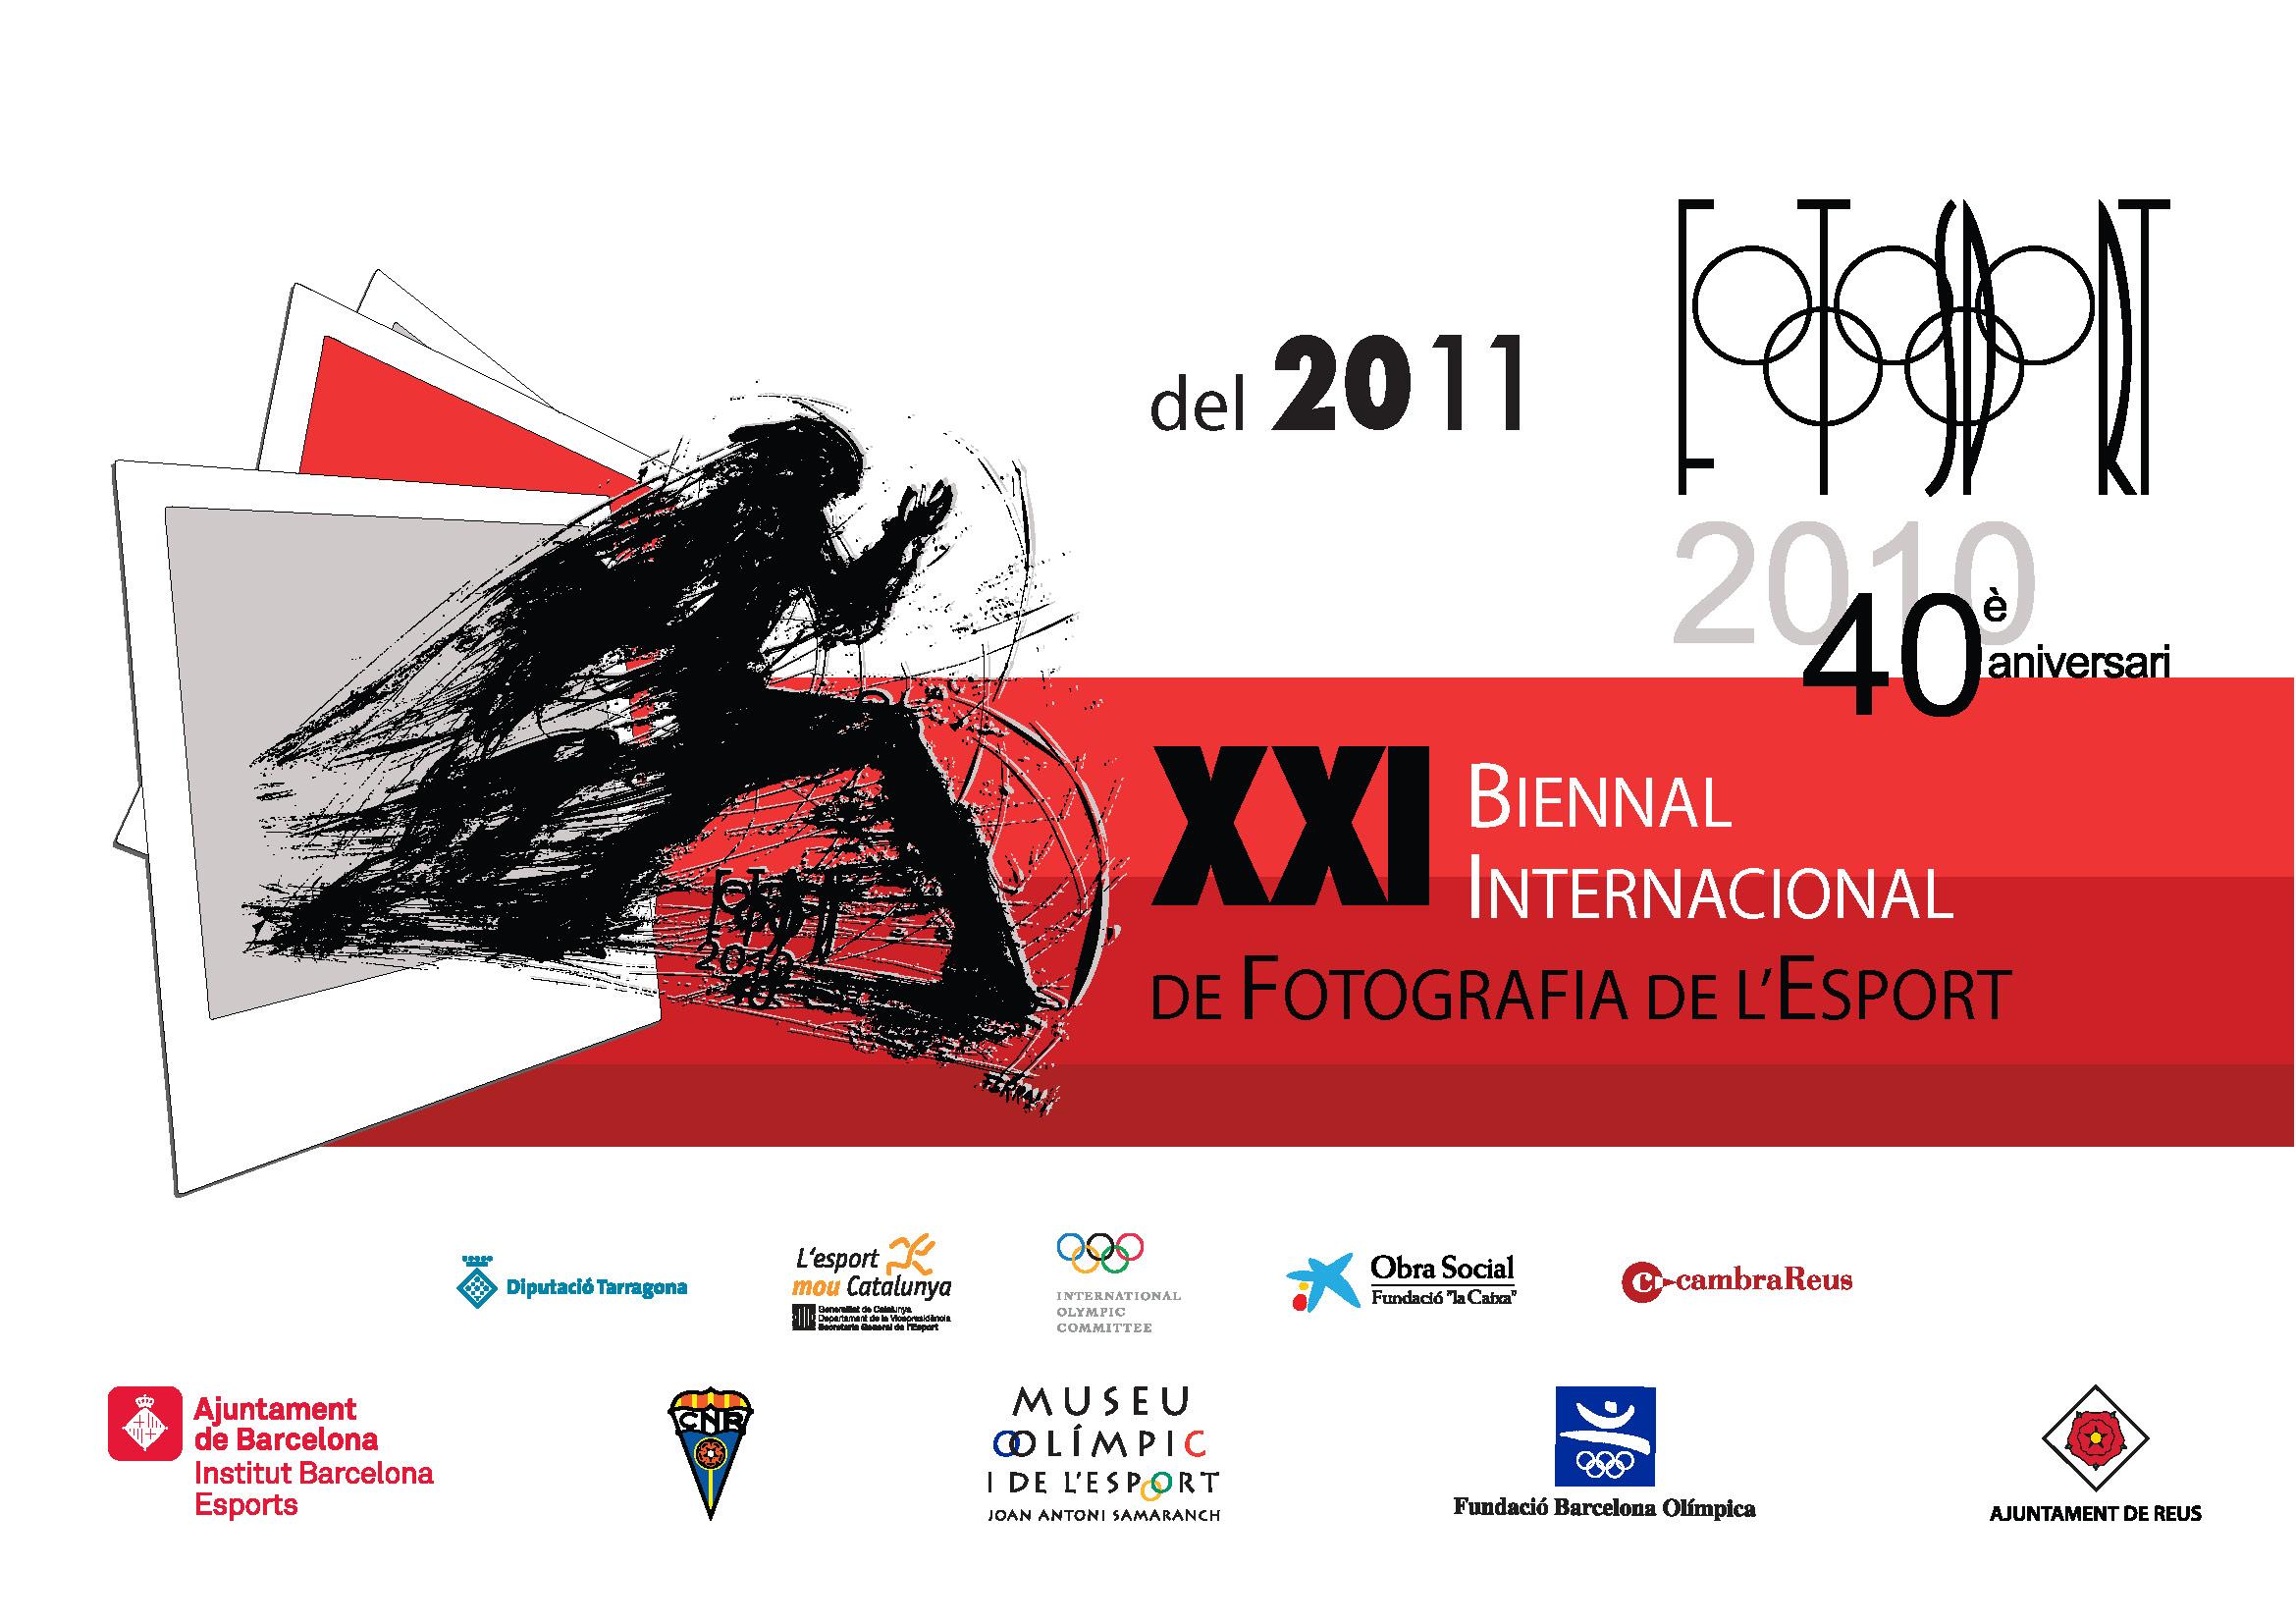 XXI BIENNAL INTERNACIONAL DE FOTOGRAFIA DE L'ESPORT FOTOSPORT 2010